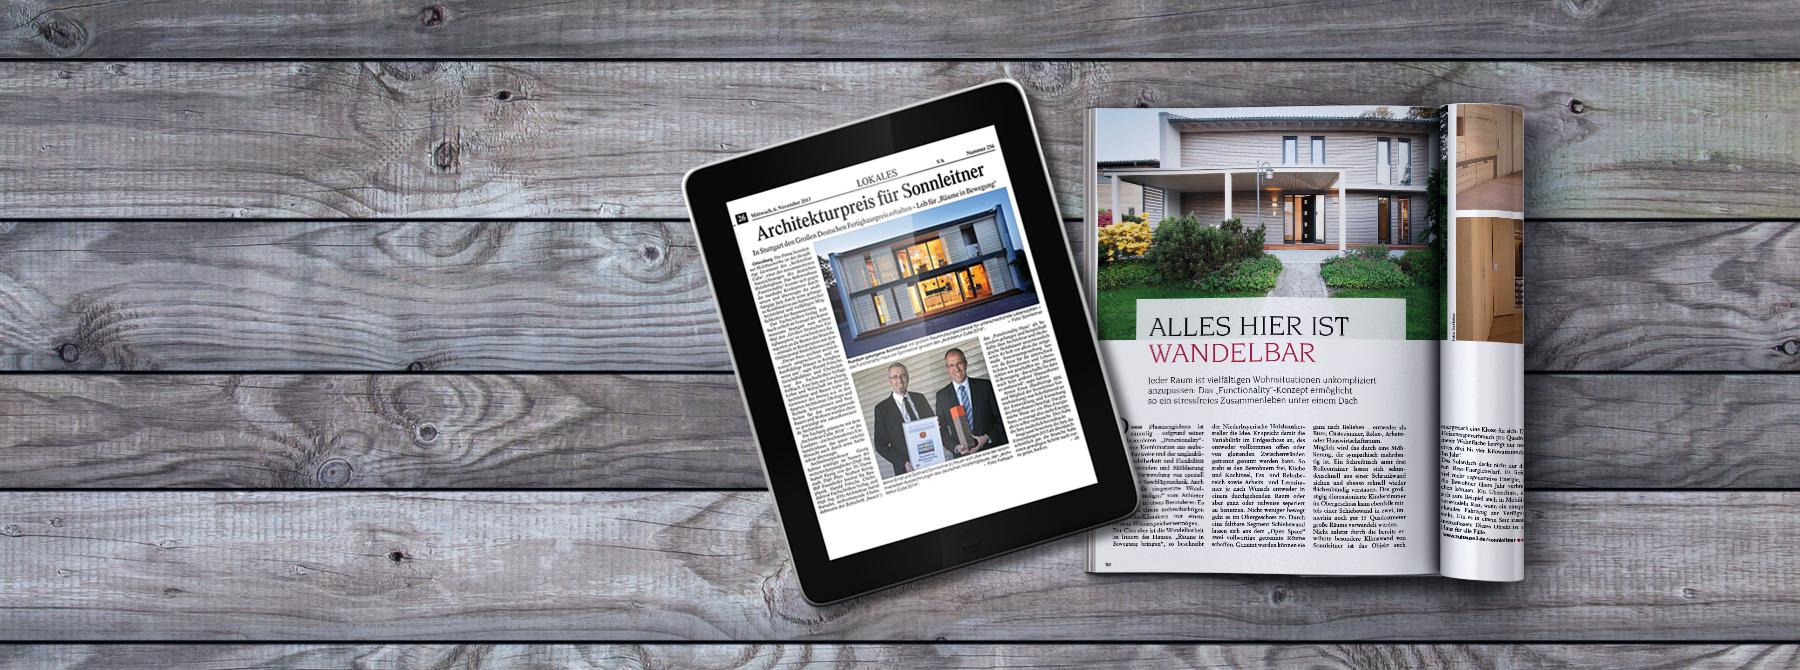 ^ estberichte, Zeitungsartikel und Veröffentlichungen - Sonnleitner ...